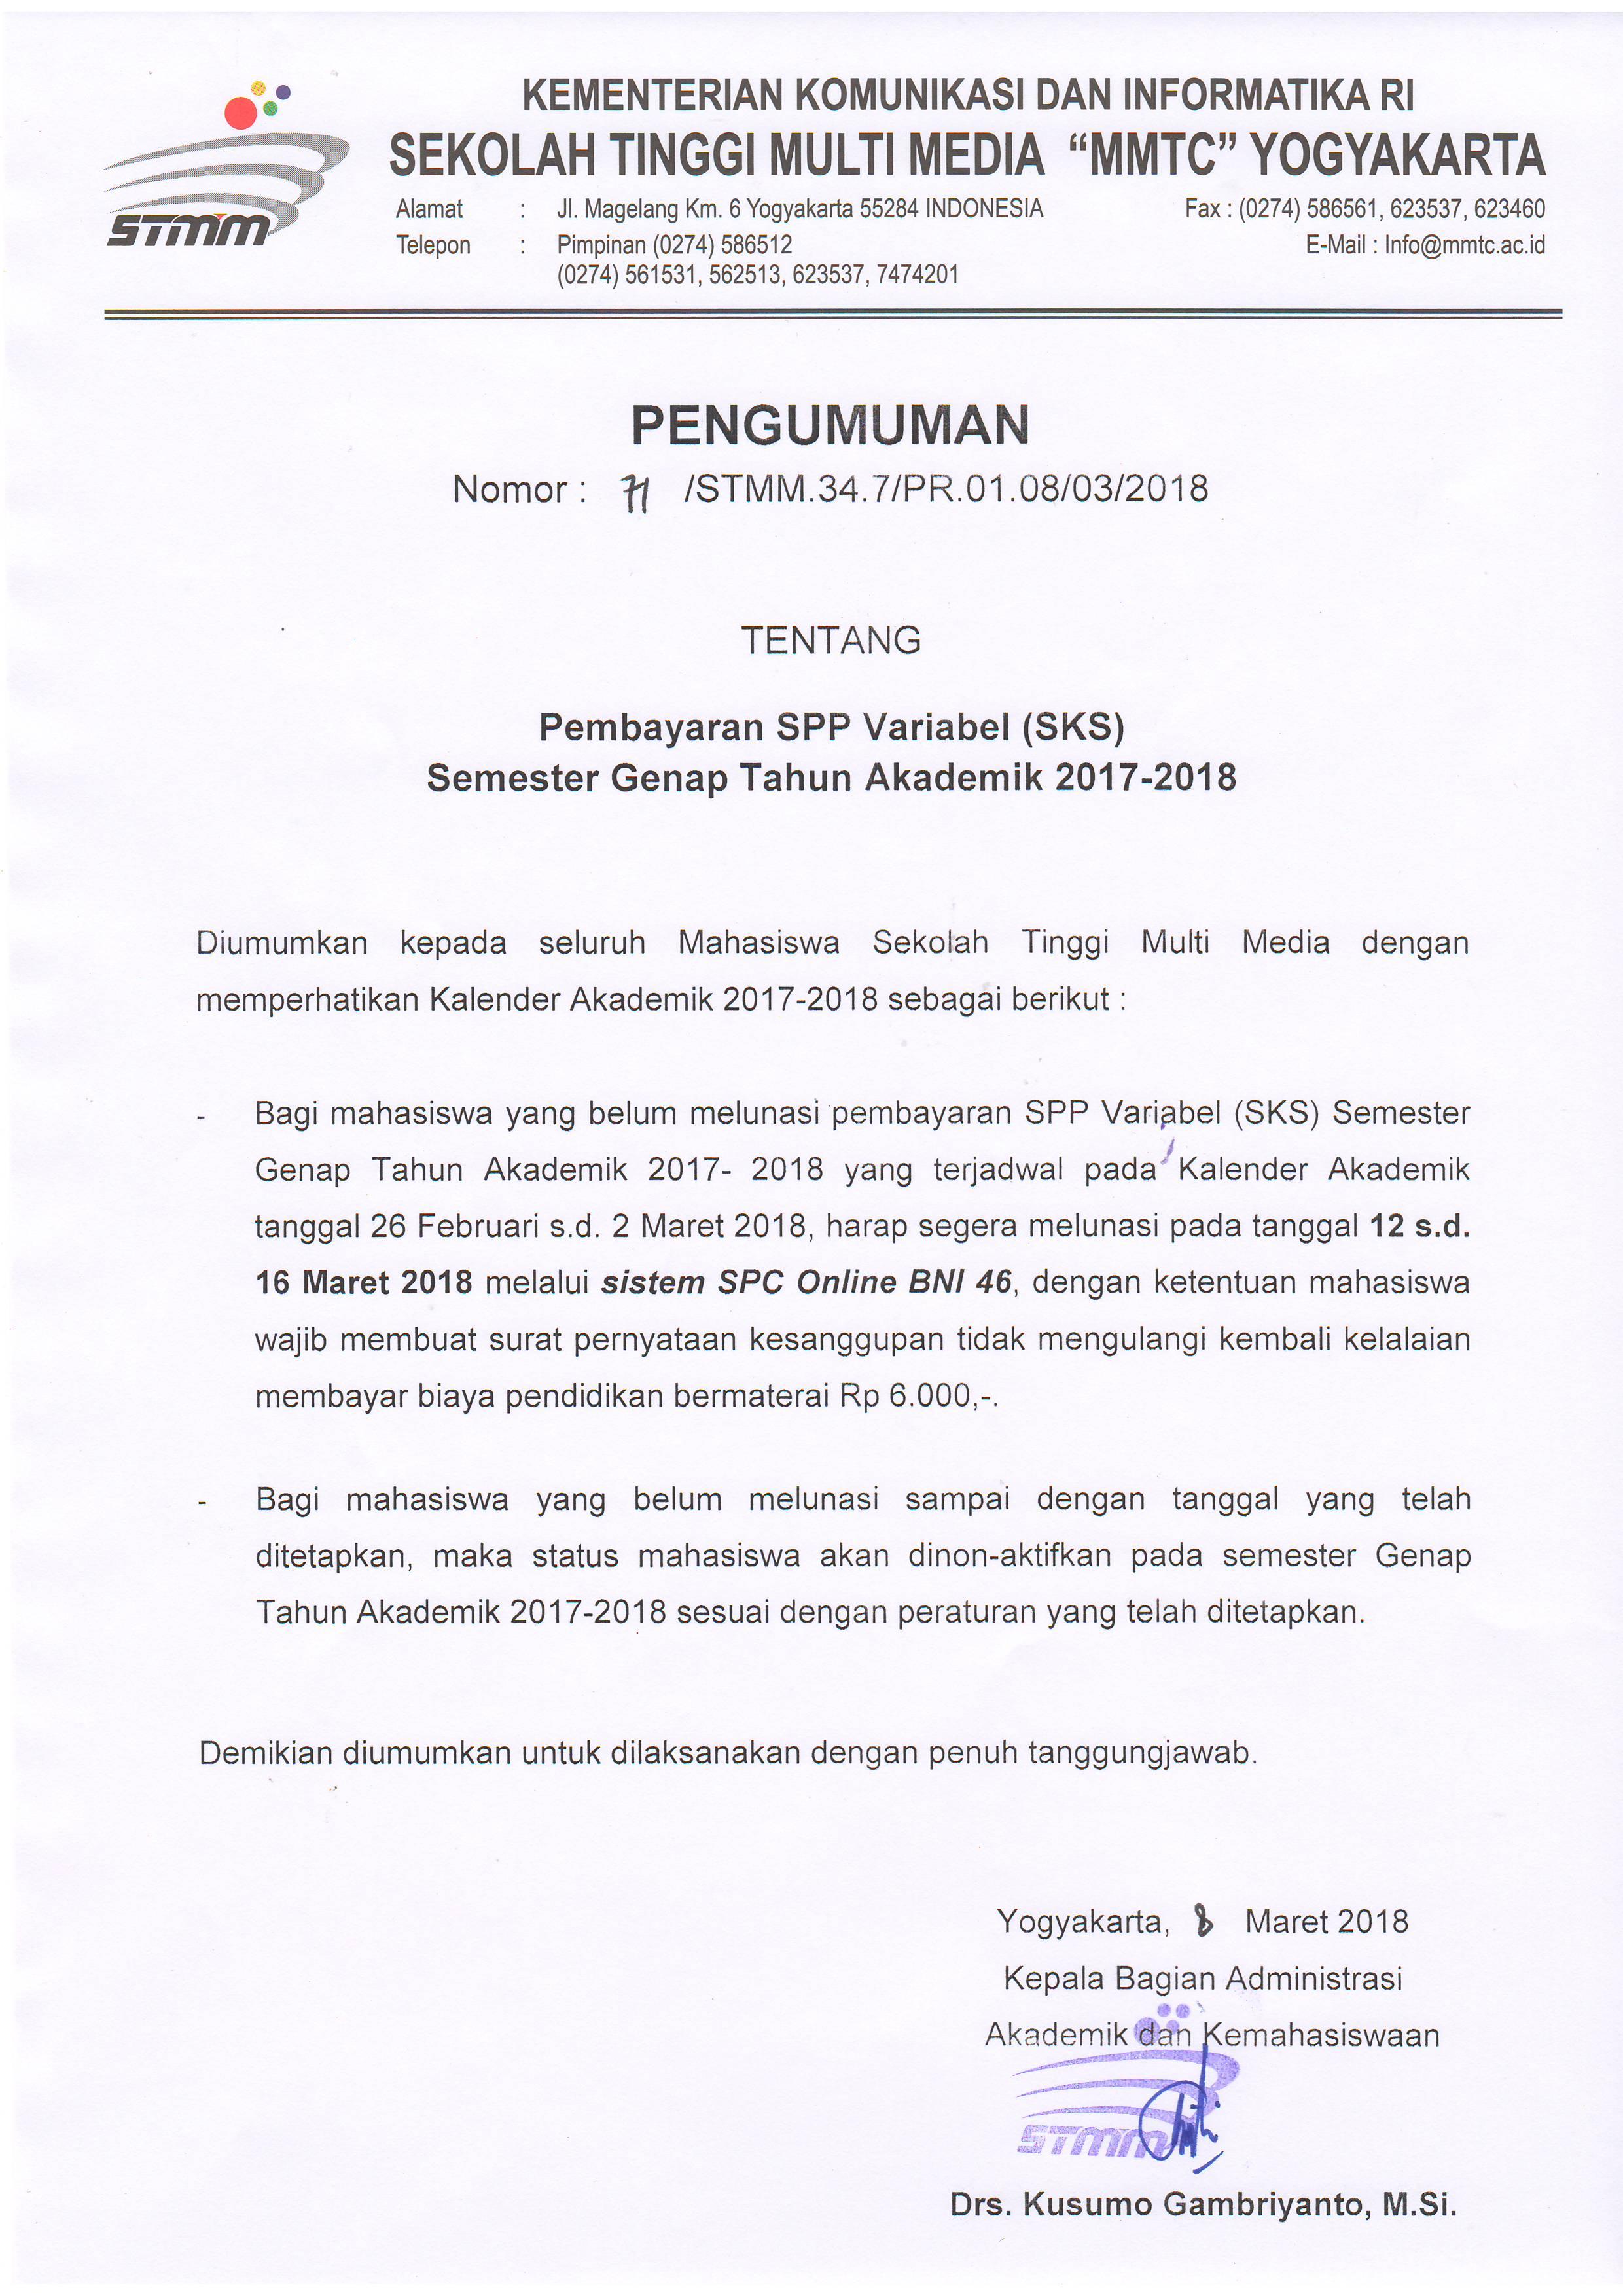 Surat Pernyataan Kesanggupan Membayar Biaya Pendidikan Bagi Contoh Surat